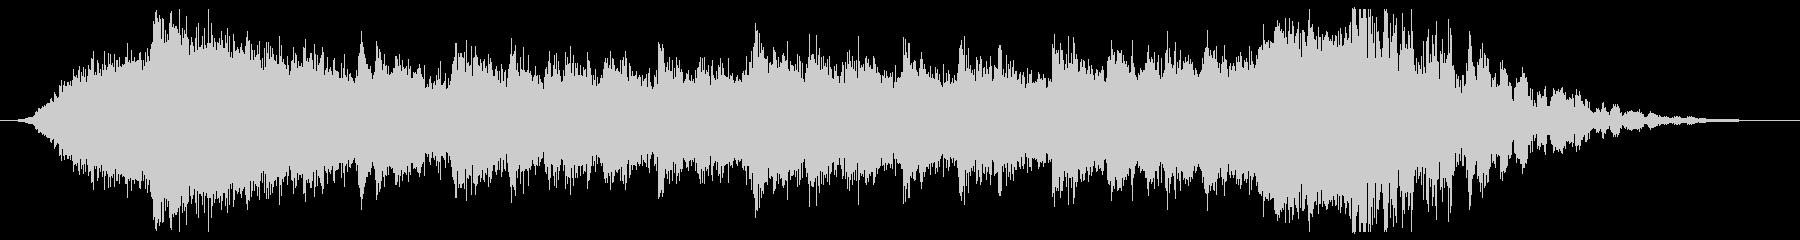 ワークアウト風のエピックサウンドロゴの未再生の波形